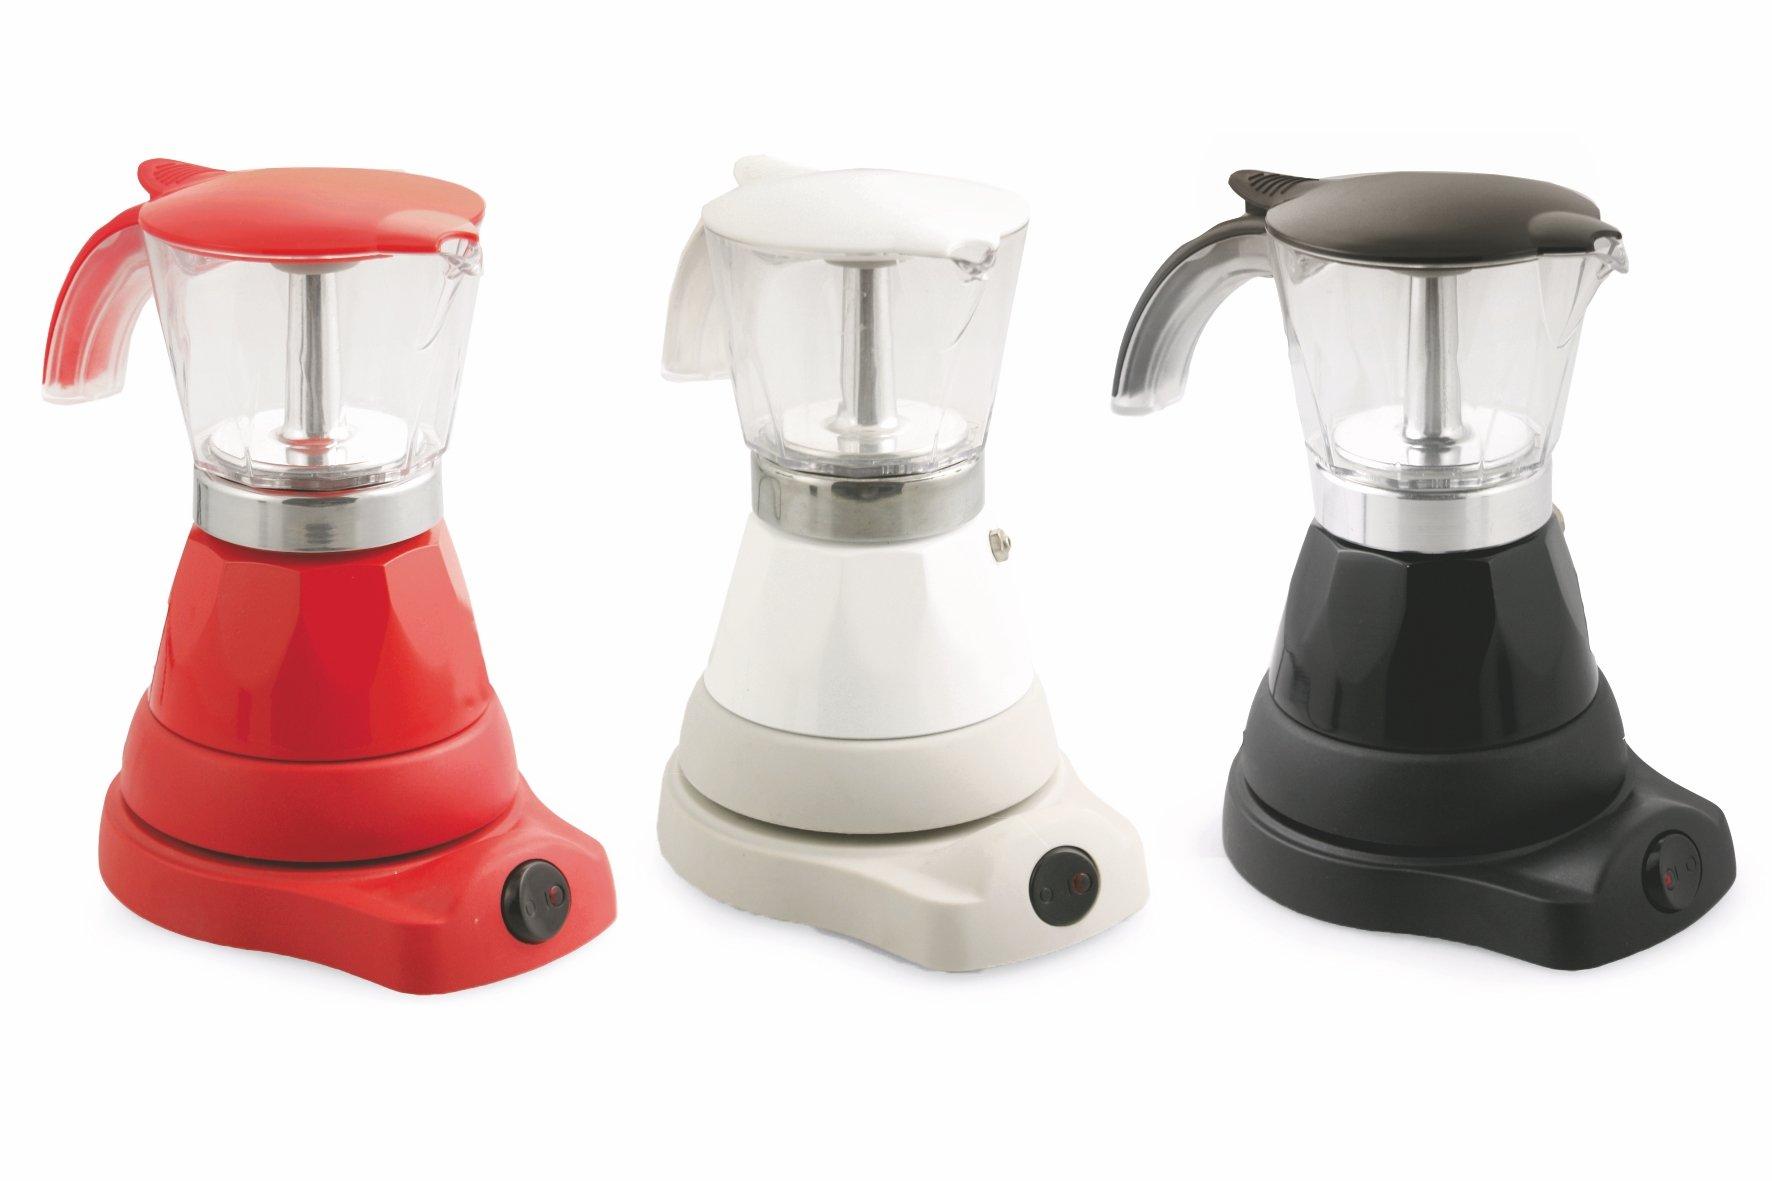 Kooper 2174615 – Cafetera eléctrica 4 tazas 400W, Colores surtidos, 1 pieza: Amazon.es: Hogar